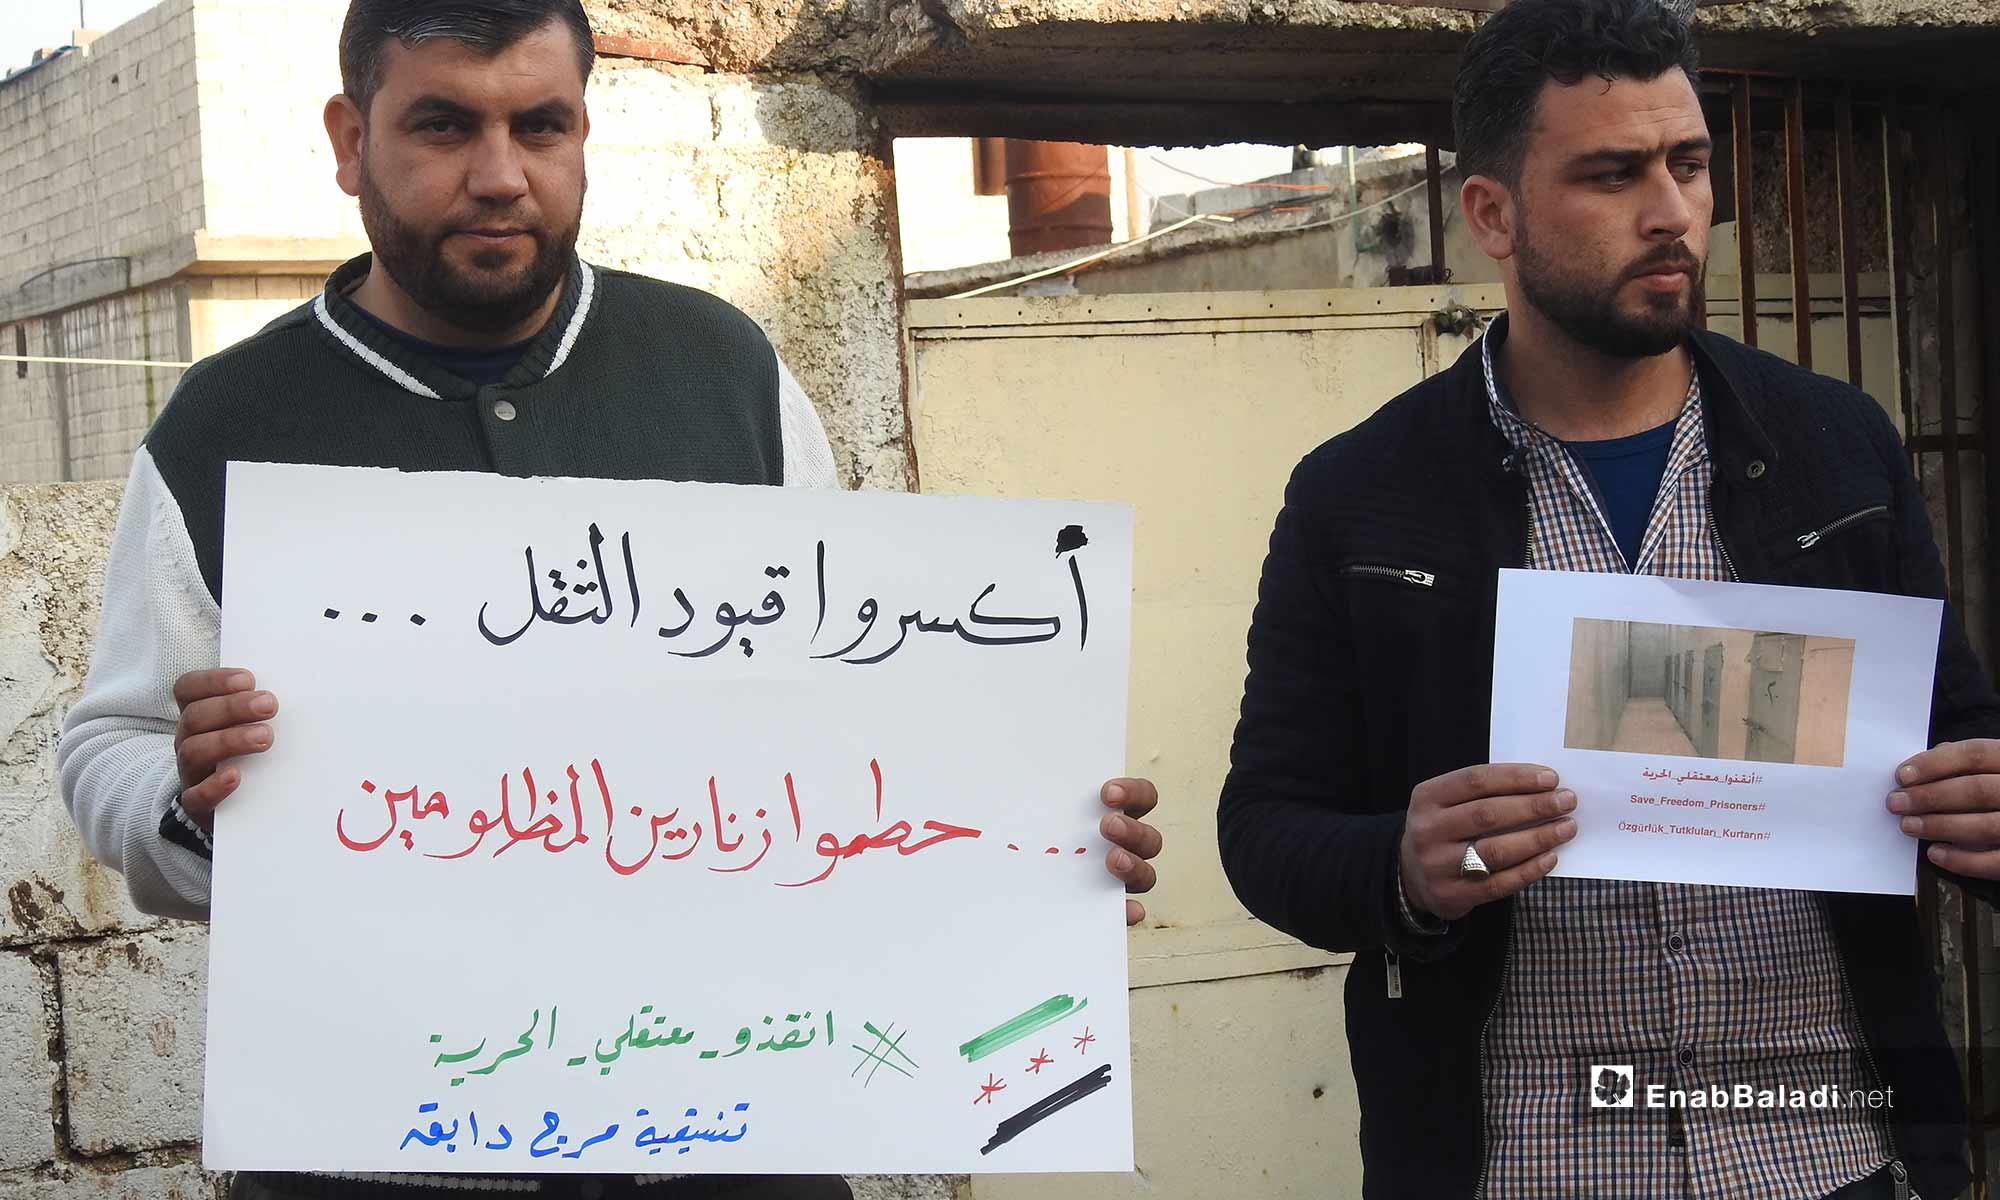 وقفة تضامنية مع المعتقلين في بلدة دابق بريف حلب الشمالي - 25 من شباط 2019 (عنب بلدي)